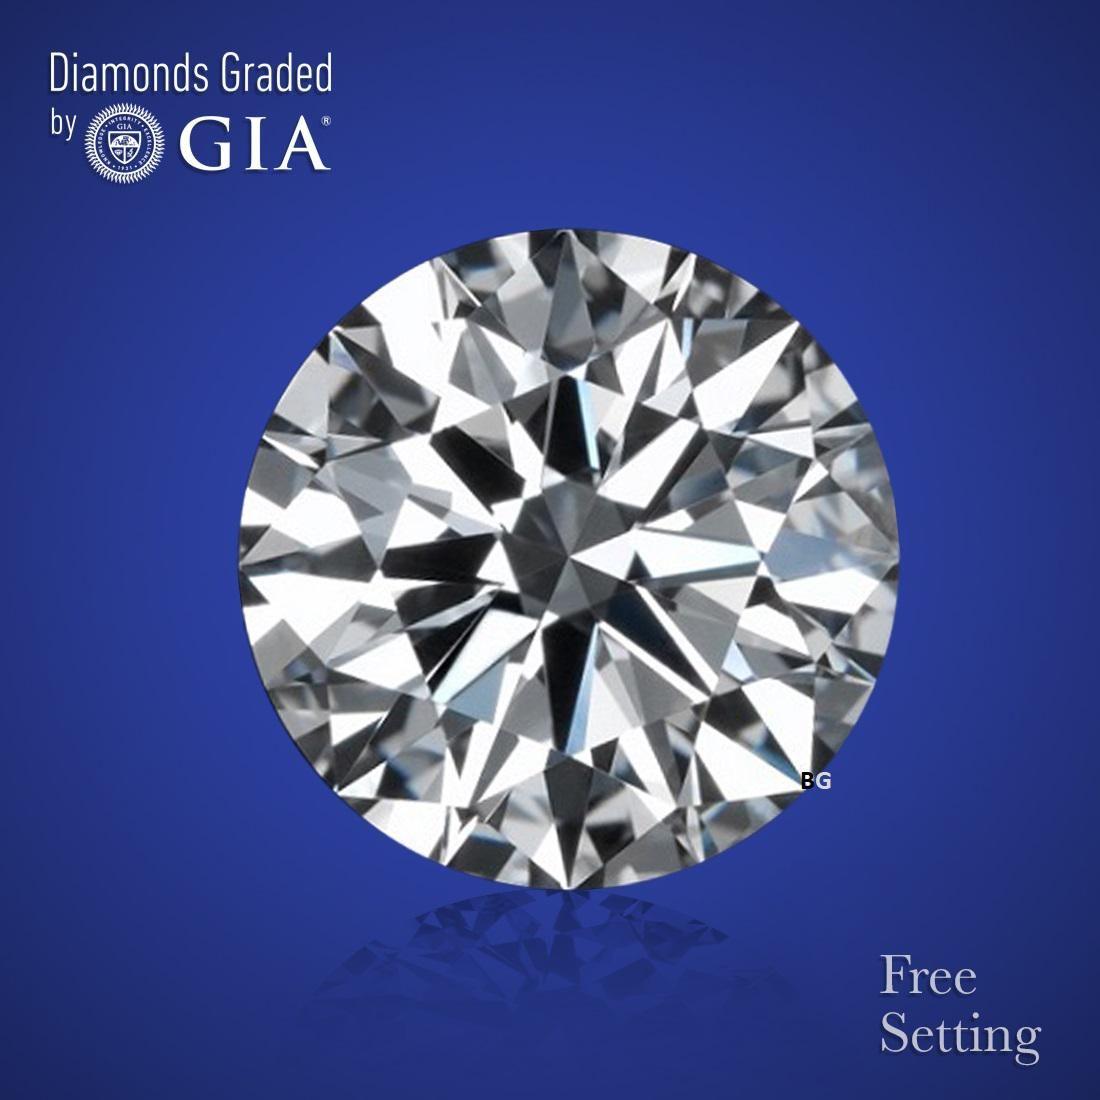 3.01 ct, Color H/VVS2, Round cut Diamond